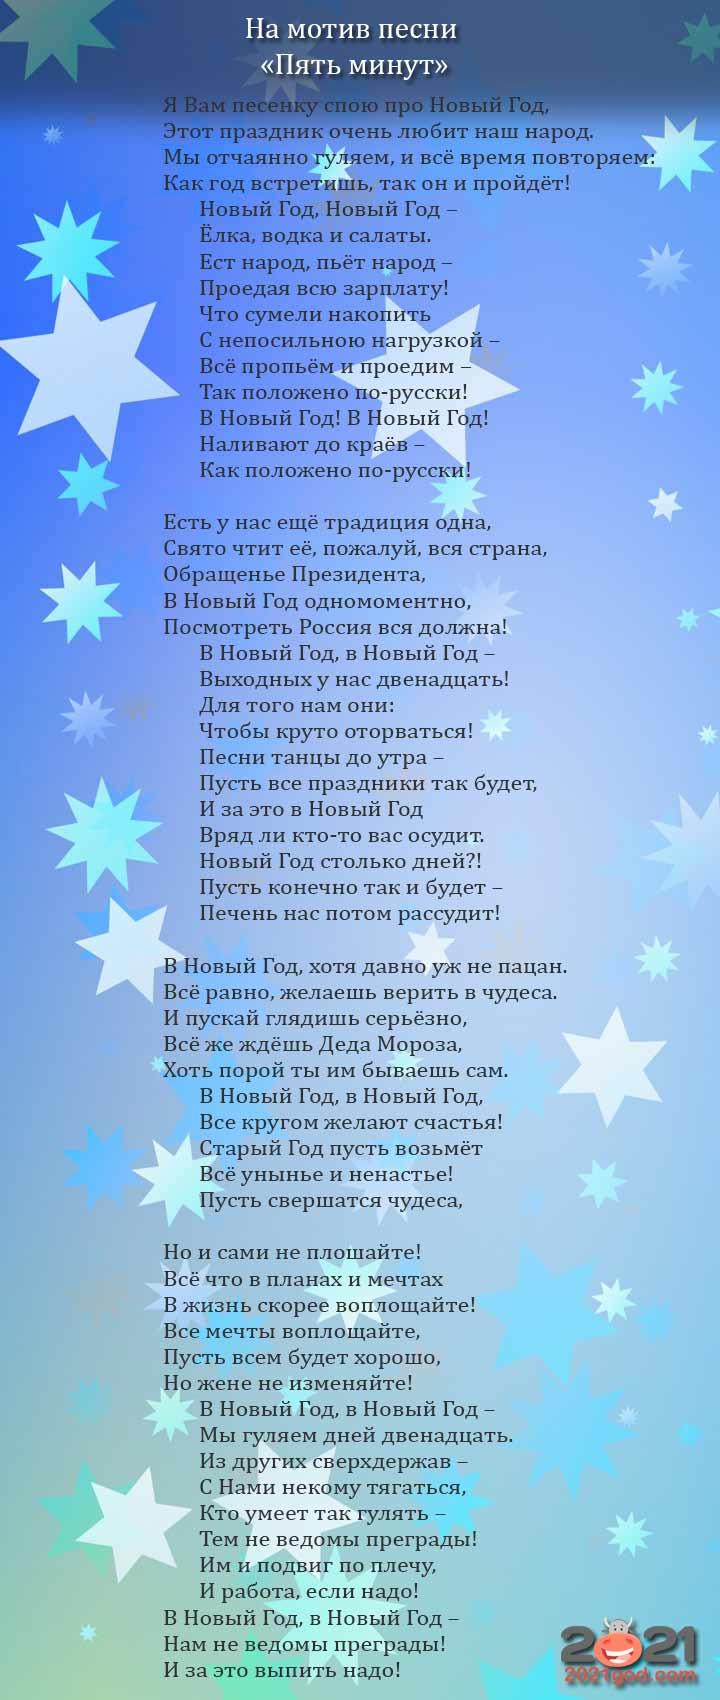 """Песни-переделки на Новый 2021 год мотив """"Пять минут"""" 1 вариант"""